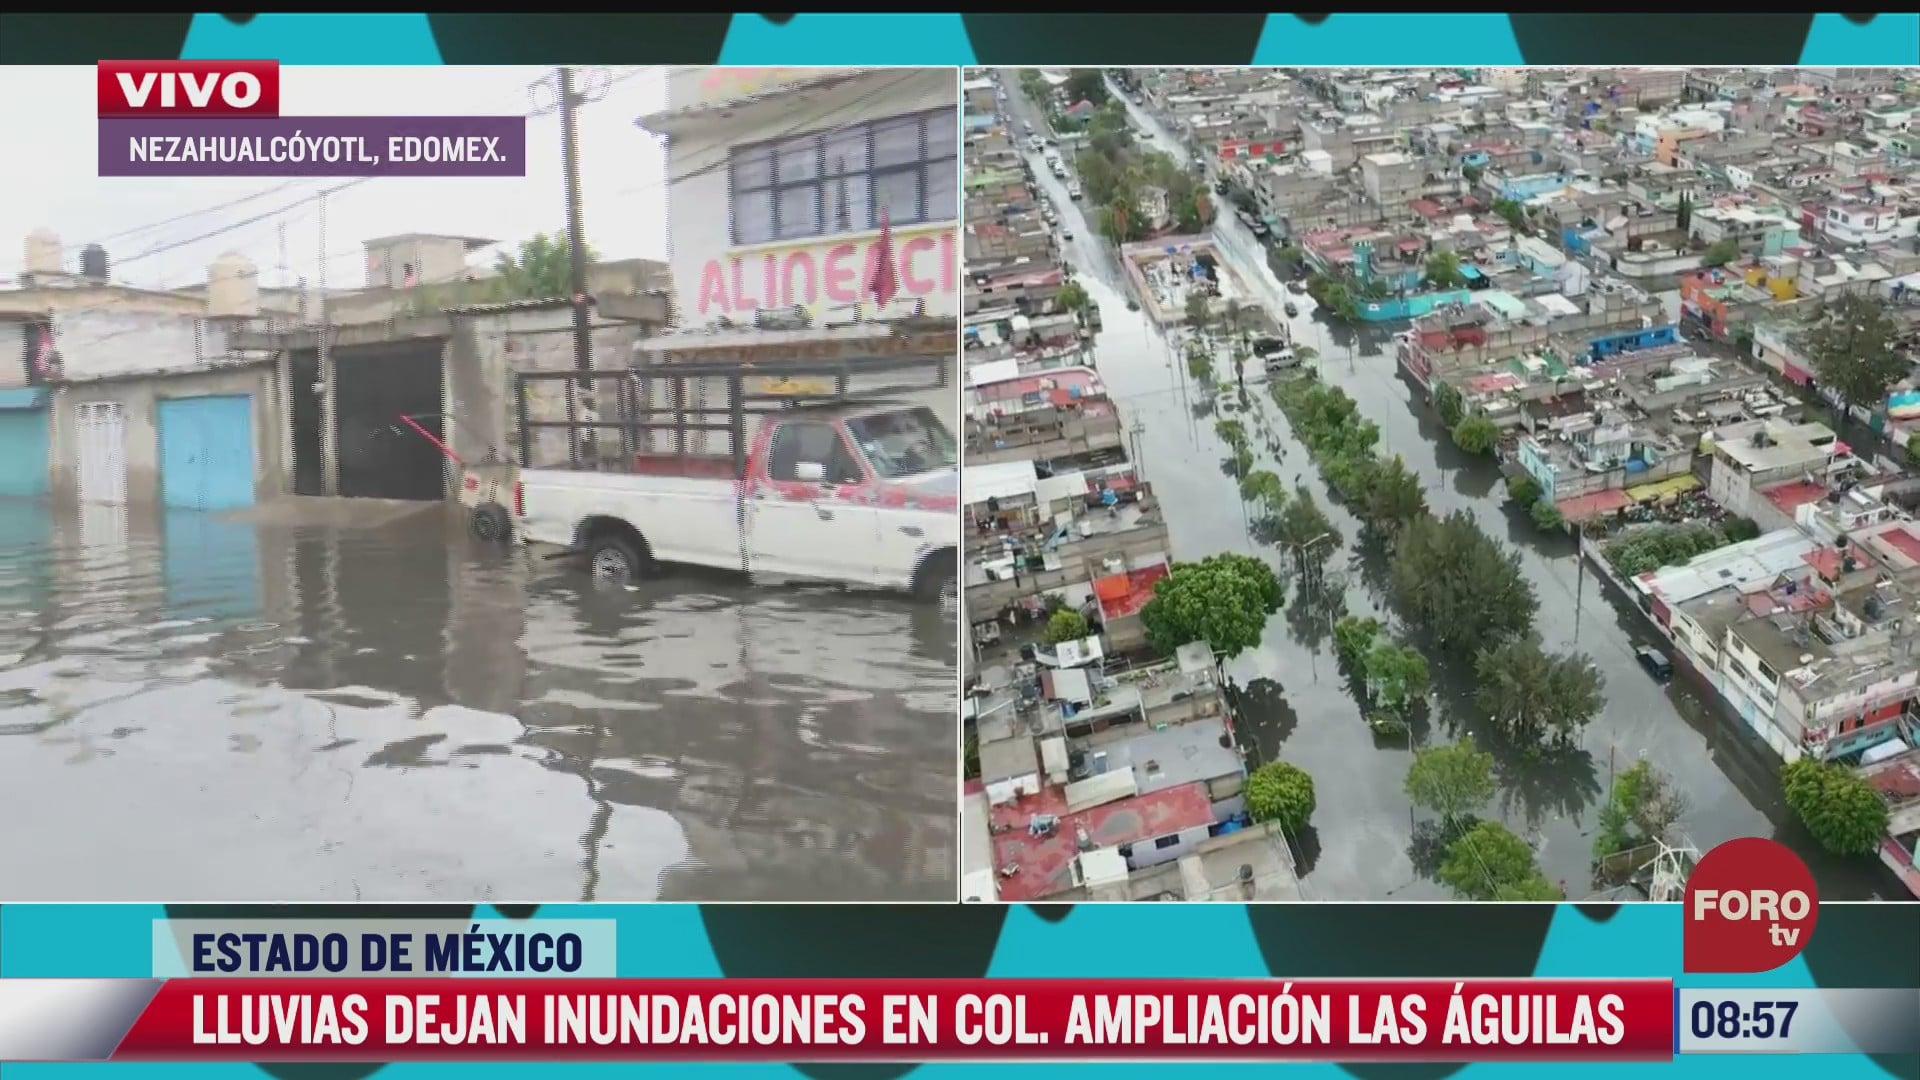 nezahualcoyotl amanece inundado tras fuertes lluvias